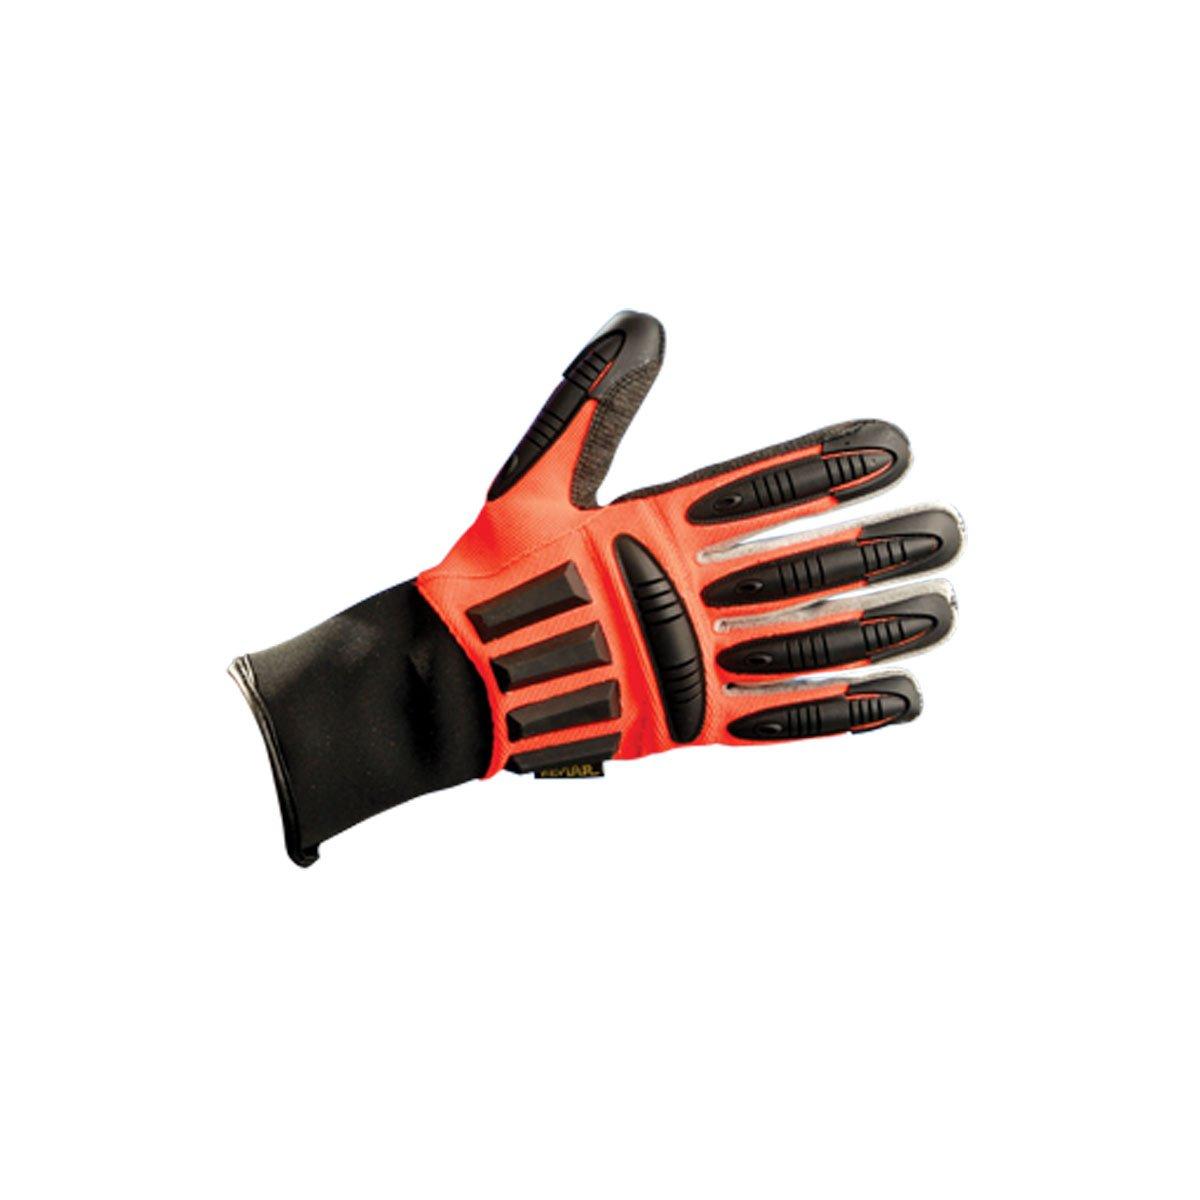 Occunomix G478-016 Premium Refinery Gloves, Size 2X, Orange/Black